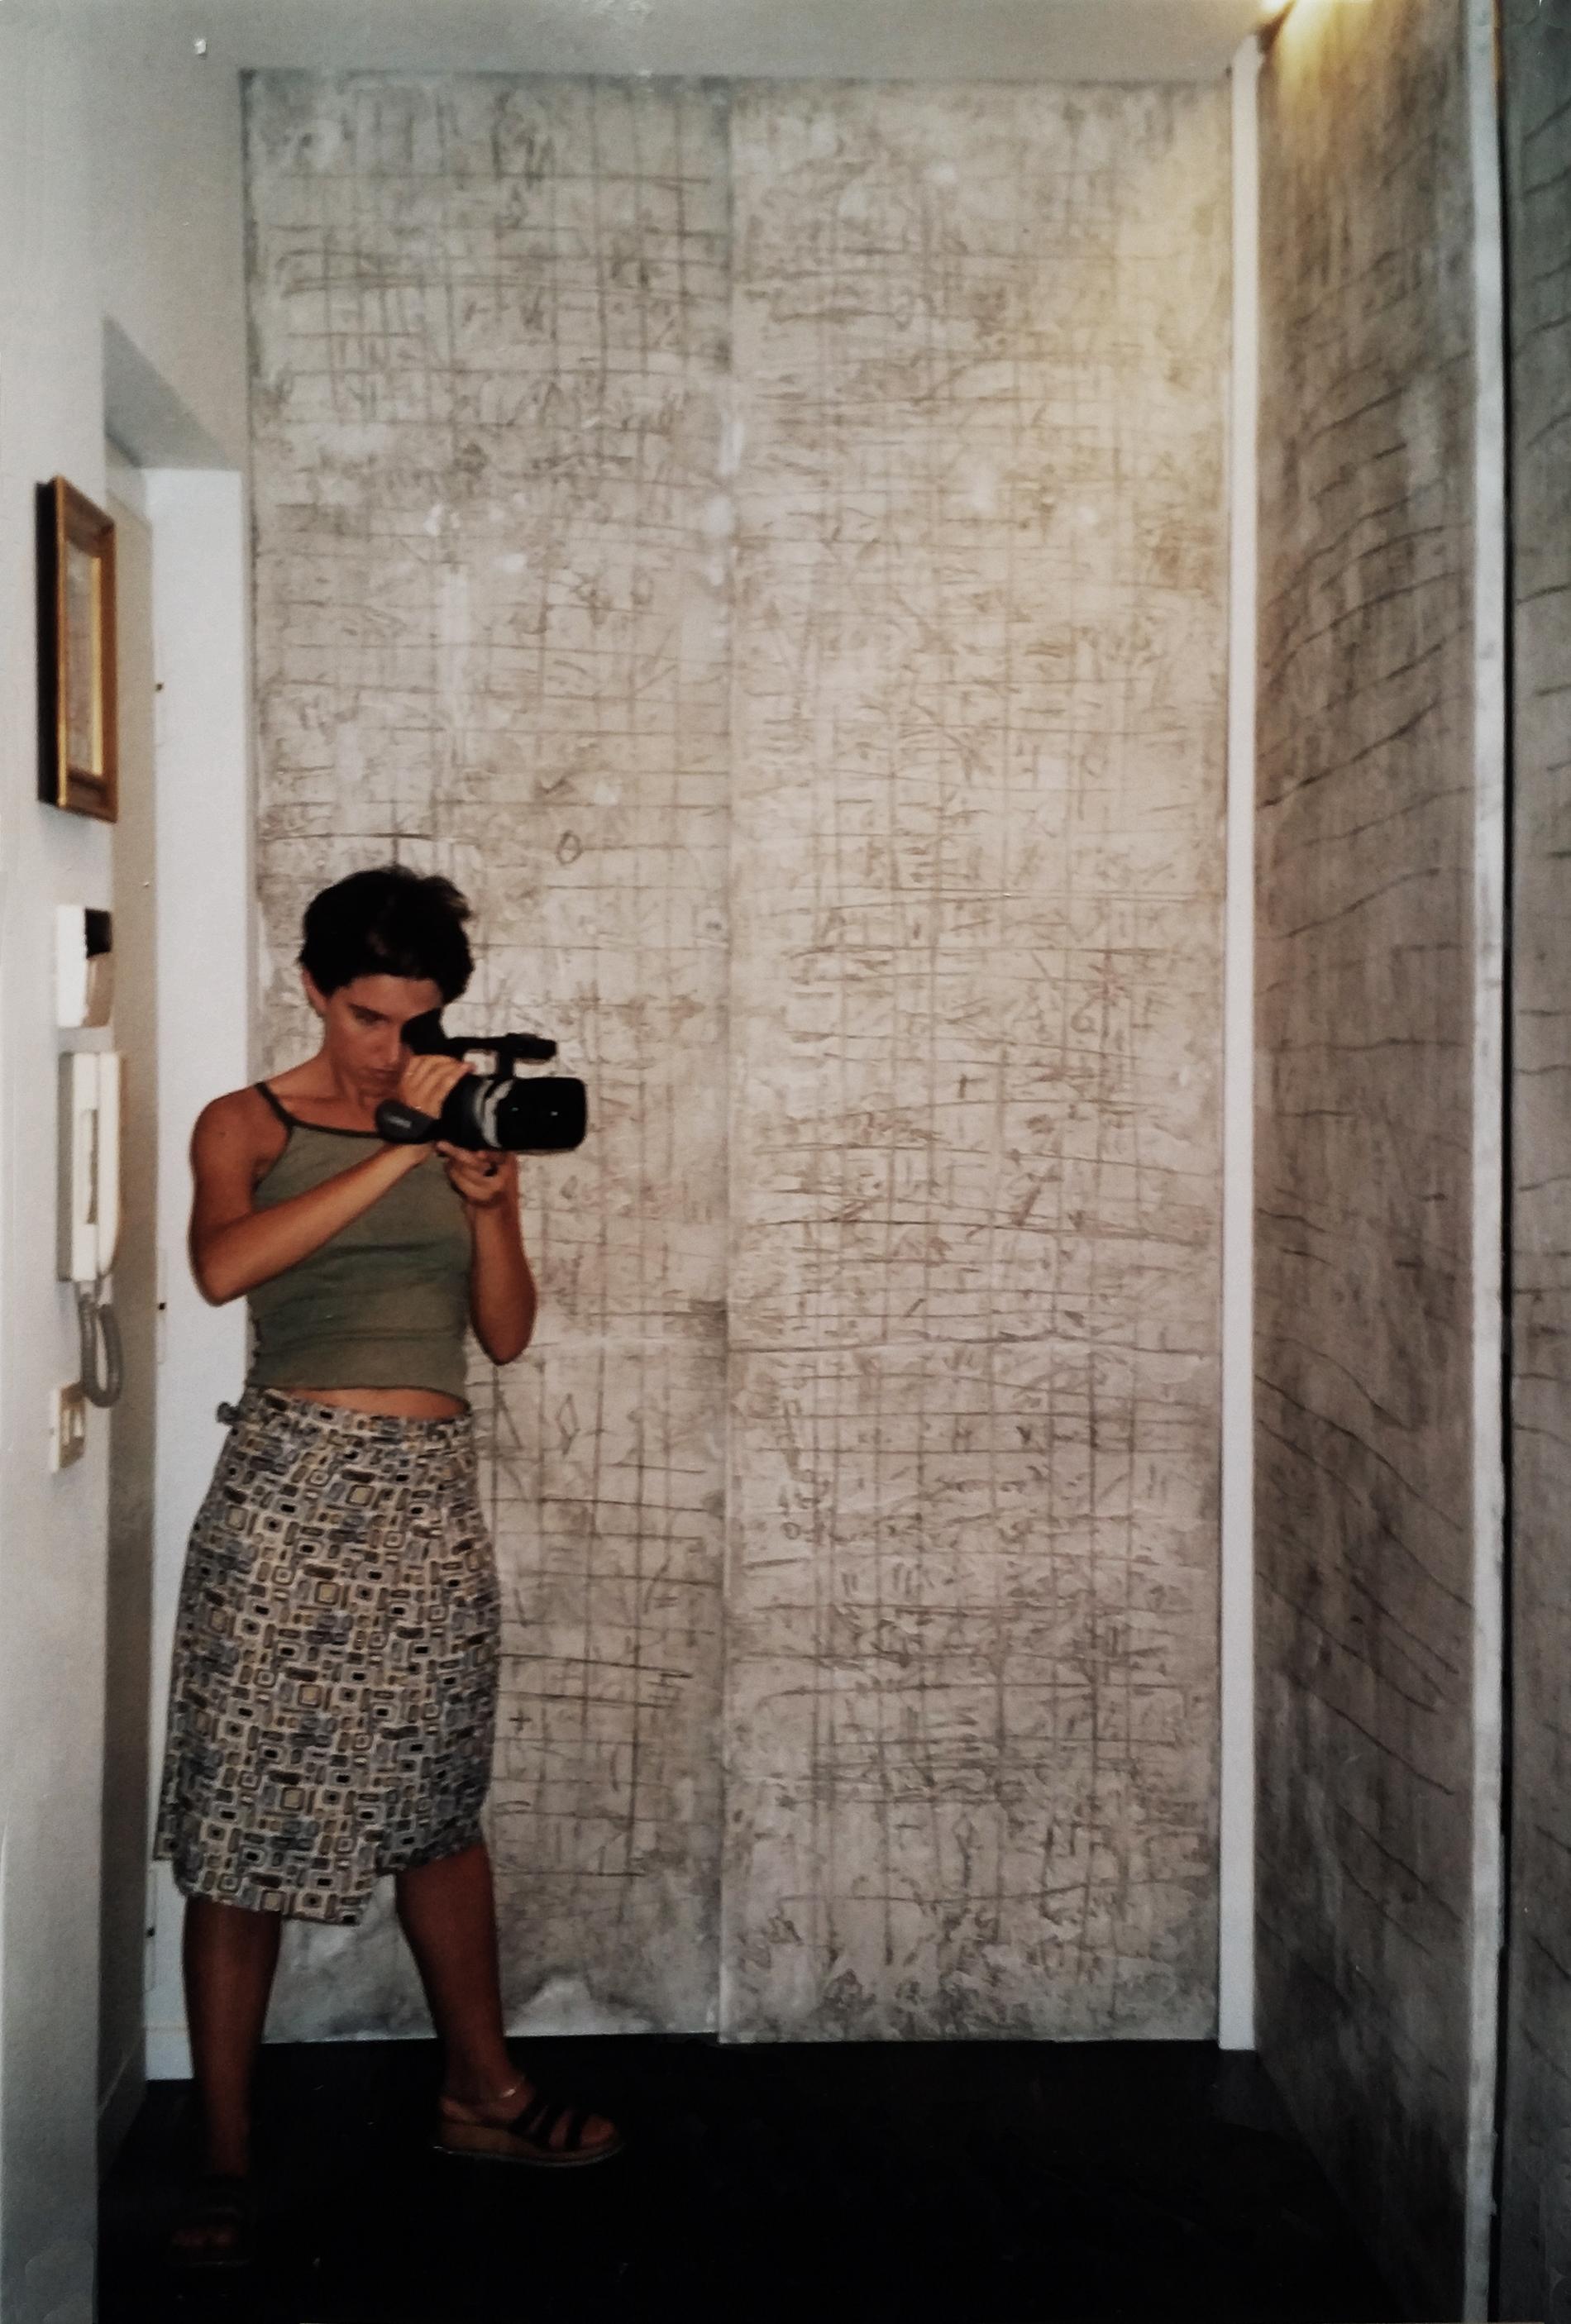 GRAFFITI, Graffiti, astrazione, bassissimo rilievo, bassorilievo, pareti hall, pareti hotel, pareti loft, gesso modellato, pigmenti, texture